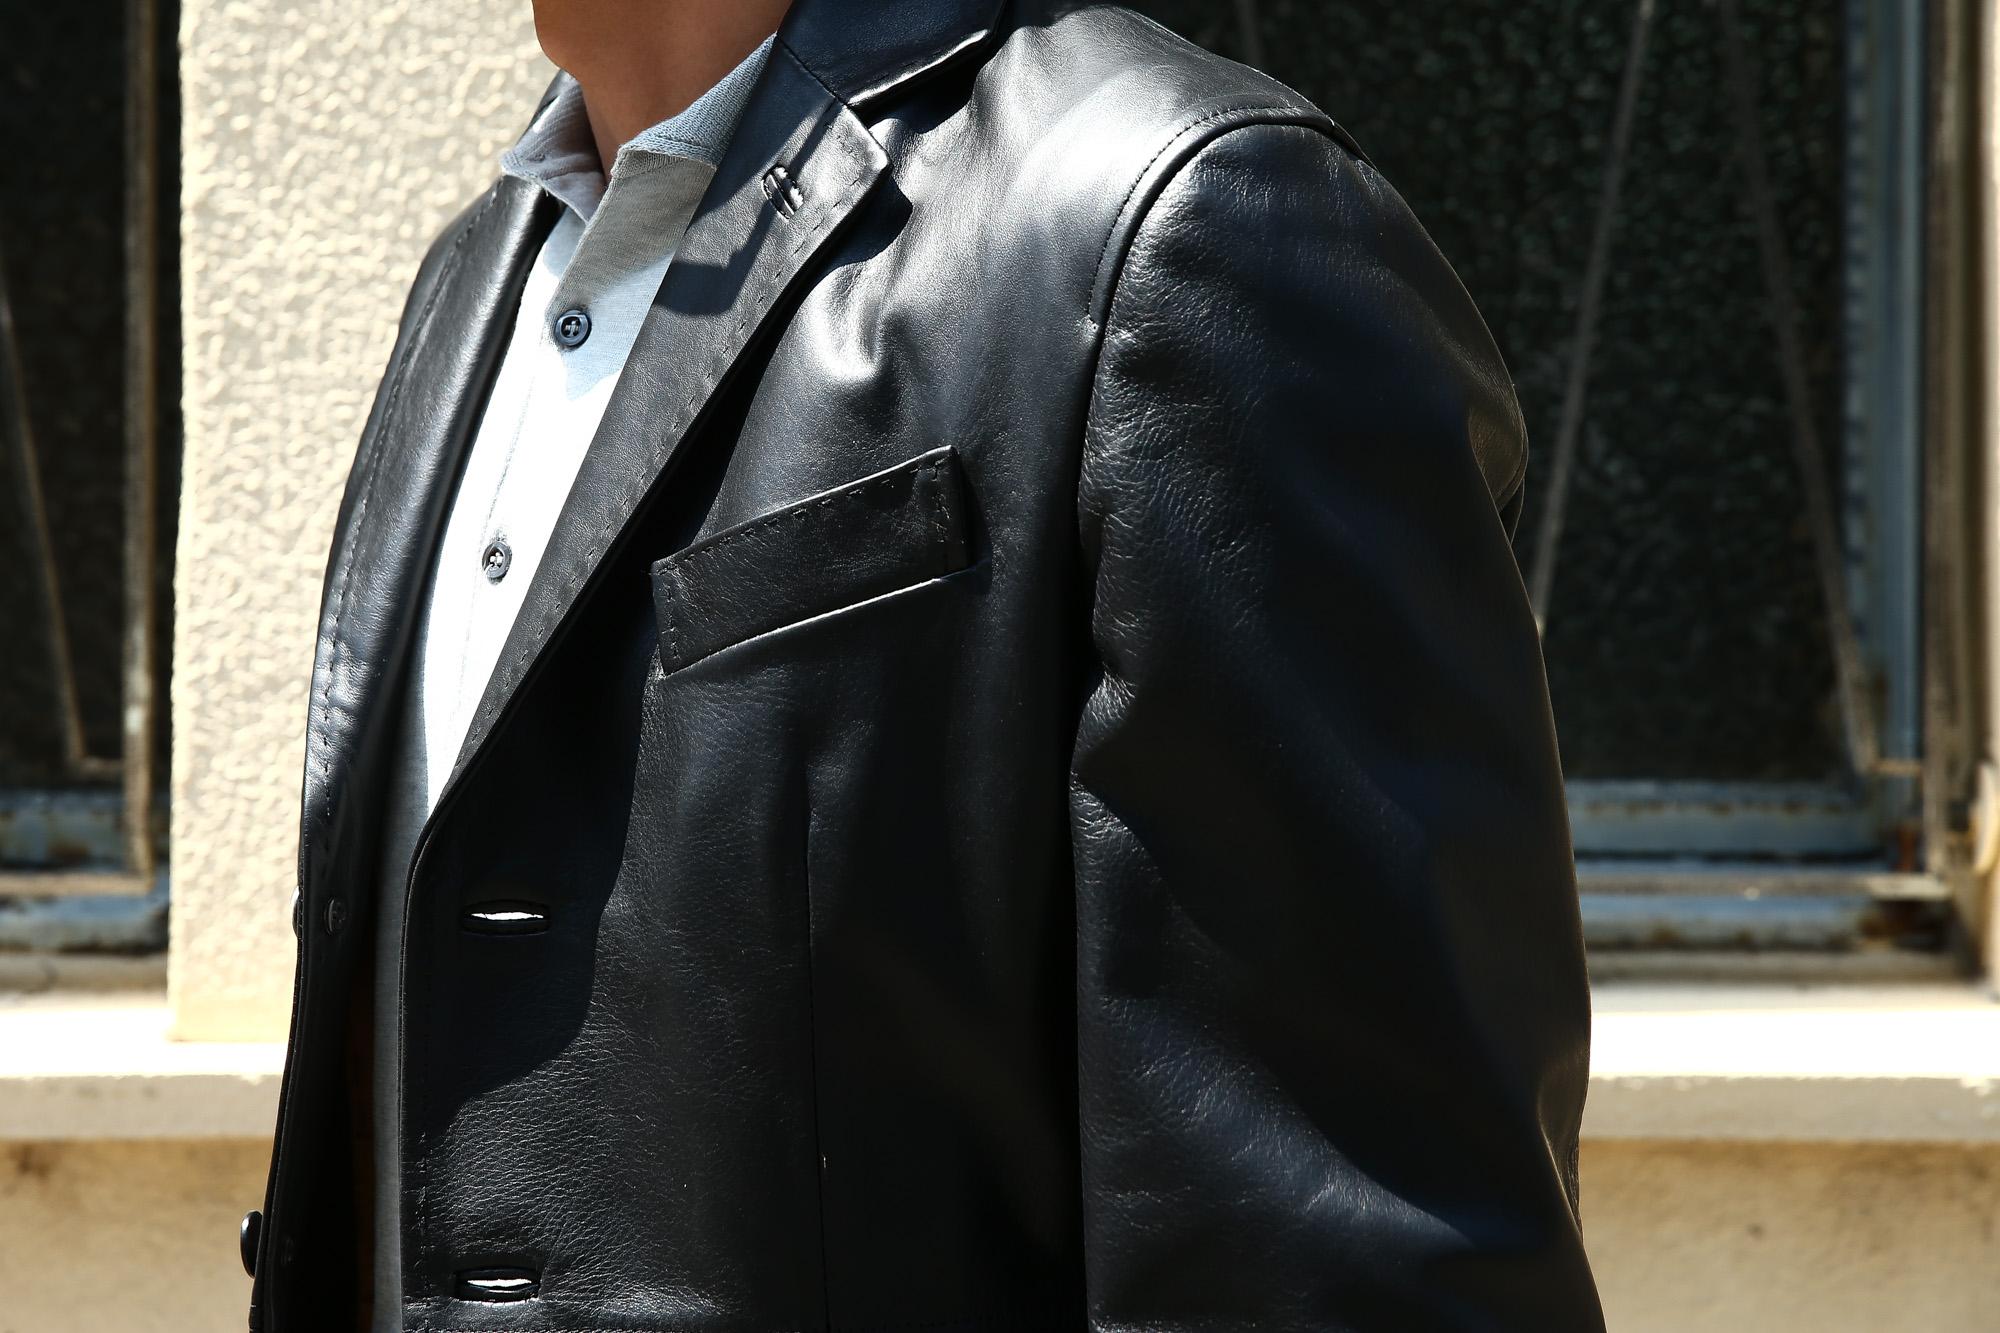 CINQUANTA (チンクアンタ) H613 SINGLE TAILORED JACKET CAVALLO (シングル テーラード ジャケット) ホースレザー ジャケット BLACK (ブラック・999) Made in italy (イタリア製) 2018 秋冬 【ご予約受付中】cinquanta チンクアンタ レザージャケット ジャケット 愛知 名古屋 ZODIAC ゾディアック